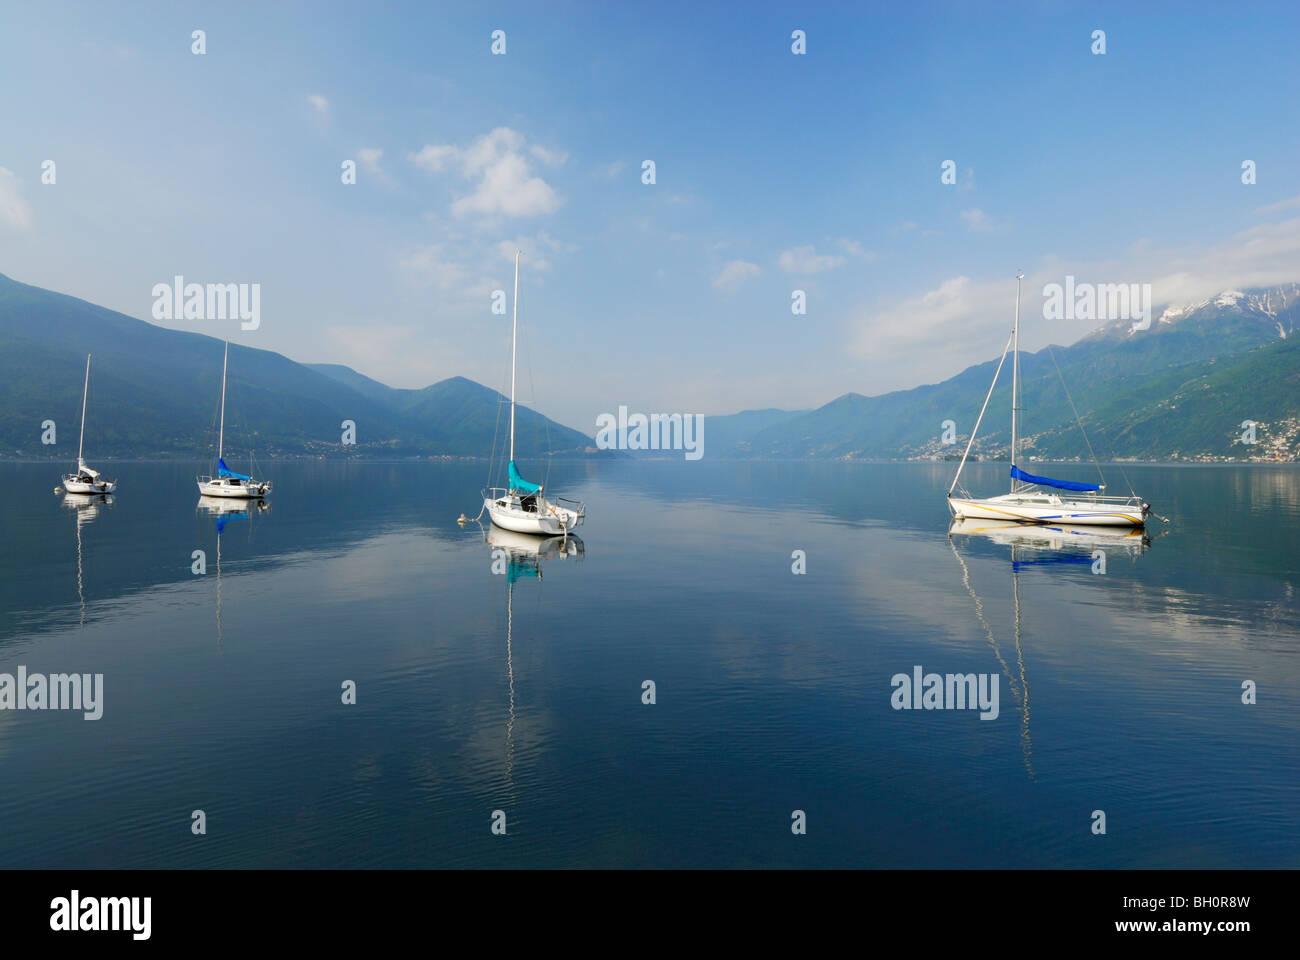 Sailing boats anchored at lake Maggiore, Ascona, lake Maggiore, Lago Maggiore, Ticino, Switzerland - Stock Image